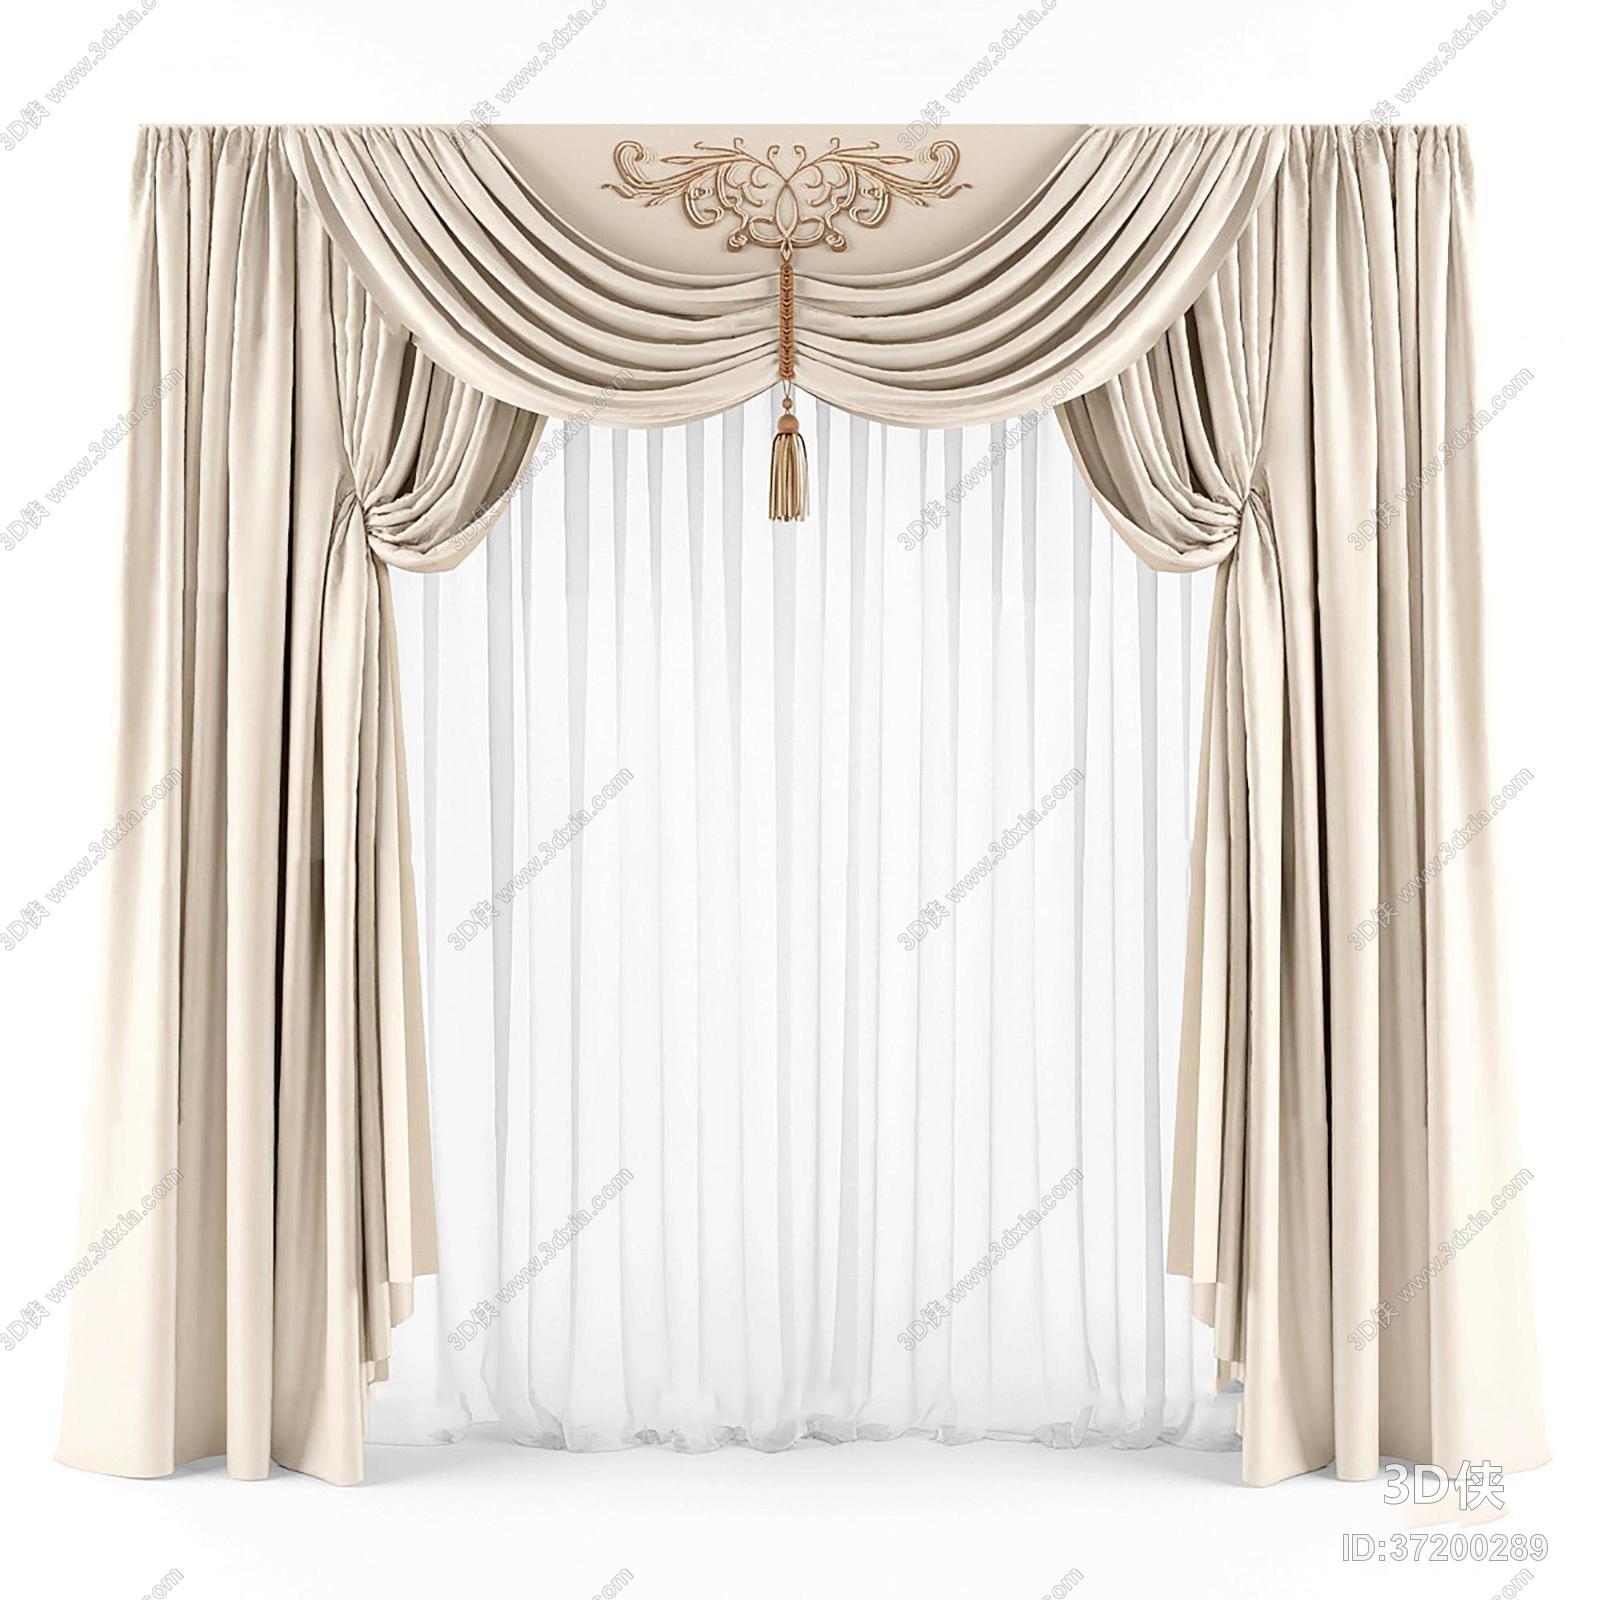 2012版本,建议使用3dmax 2012 软件打开,该欧式风格窗帘家纺图片素材